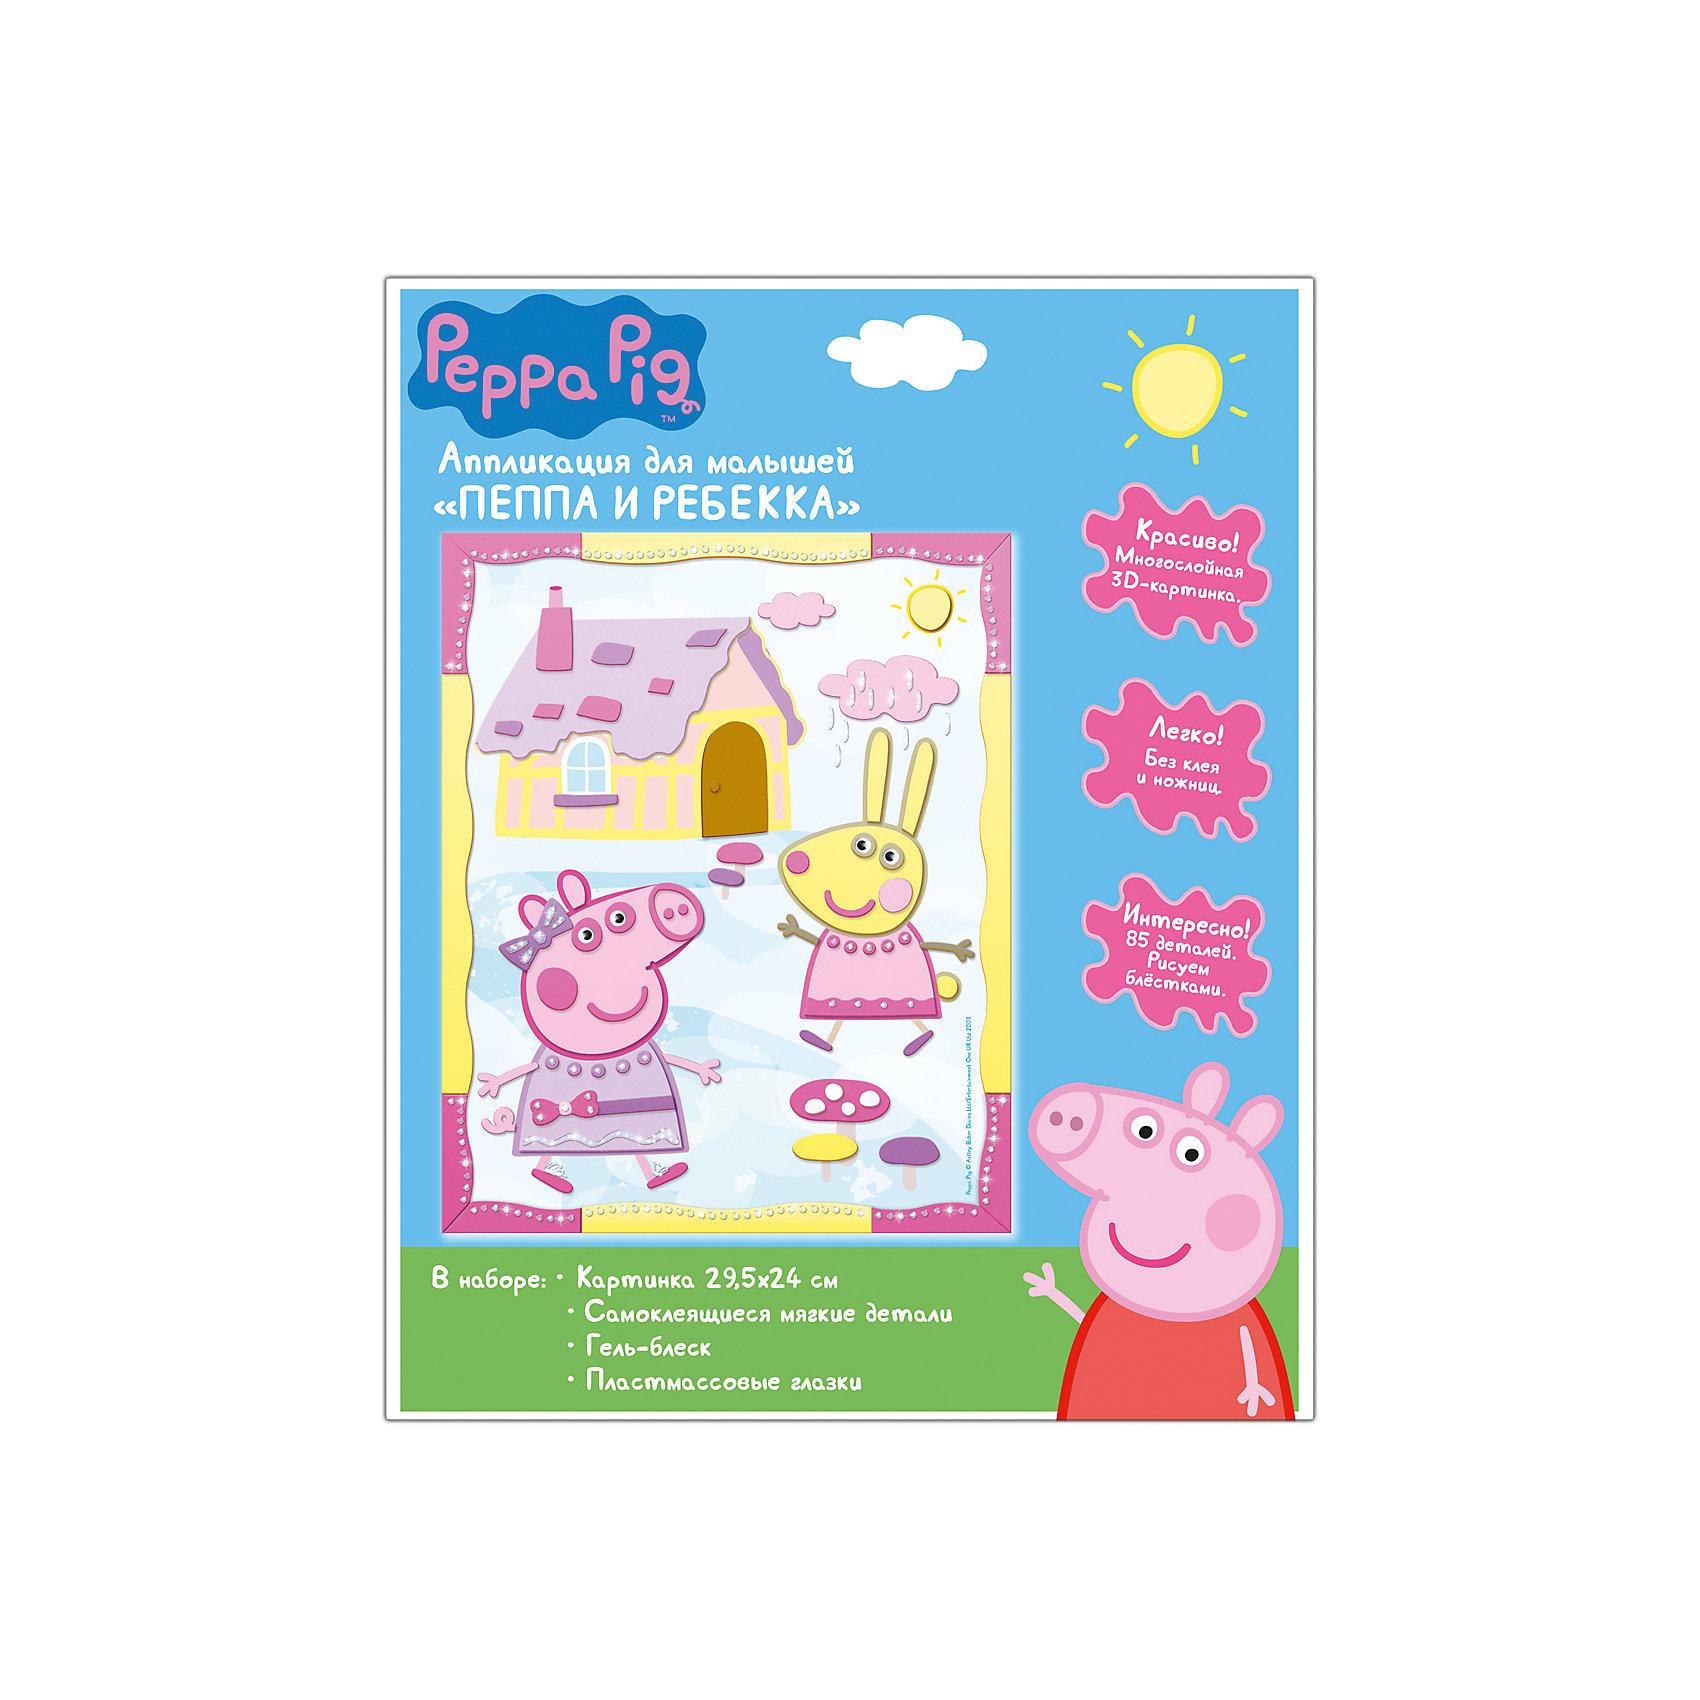 Аппликация ПЕППА И РЕБЕККА, 29,5X24смБумага<br>Предложите своему малышу создать красивую аппликацию «Пеппа и Ребекка» ТМ «Peppa Pig». Рассмотрите картинку и позвольте ребенку самостоятельно выбрать детали, которые будут в находиться в нижнем слое. Снимите с выбранного фрагмента защитный слой бумаги и вклейте деталь в контур рисунка, объяснив последовательность создания картинки. Остальные элементы нужно наклеить слоями. Обращайте внимание крохи на готовую картинку на упаковке. Если он ошибся, деталь можно переклеить, пока клей не подсох. Просите малыша назвать цвет детали, проговаривать, большая она или маленькая, куда ее приклеиваете. Затем украсьте картинку гелем-блеском. Обязательно похвалите ребенка и поставьте готовую картинку на самое видное место! В наборе для аппликации: картонная цветная картинка (29,5х24 см), набор самоклеящихся деталей для аппликации из мягкого материала ЭВА, пластмассовые вращающиеся глазки, гель-краска с блестками. Товар сертифицирован. Срок годности – 5 лет.<br><br>Ширина мм: 300<br>Глубина мм: 240<br>Высота мм: 7<br>Вес г: 77<br>Возраст от месяцев: 84<br>Возраст до месяцев: 108<br>Пол: Унисекс<br>Возраст: Детский<br>SKU: 5016358